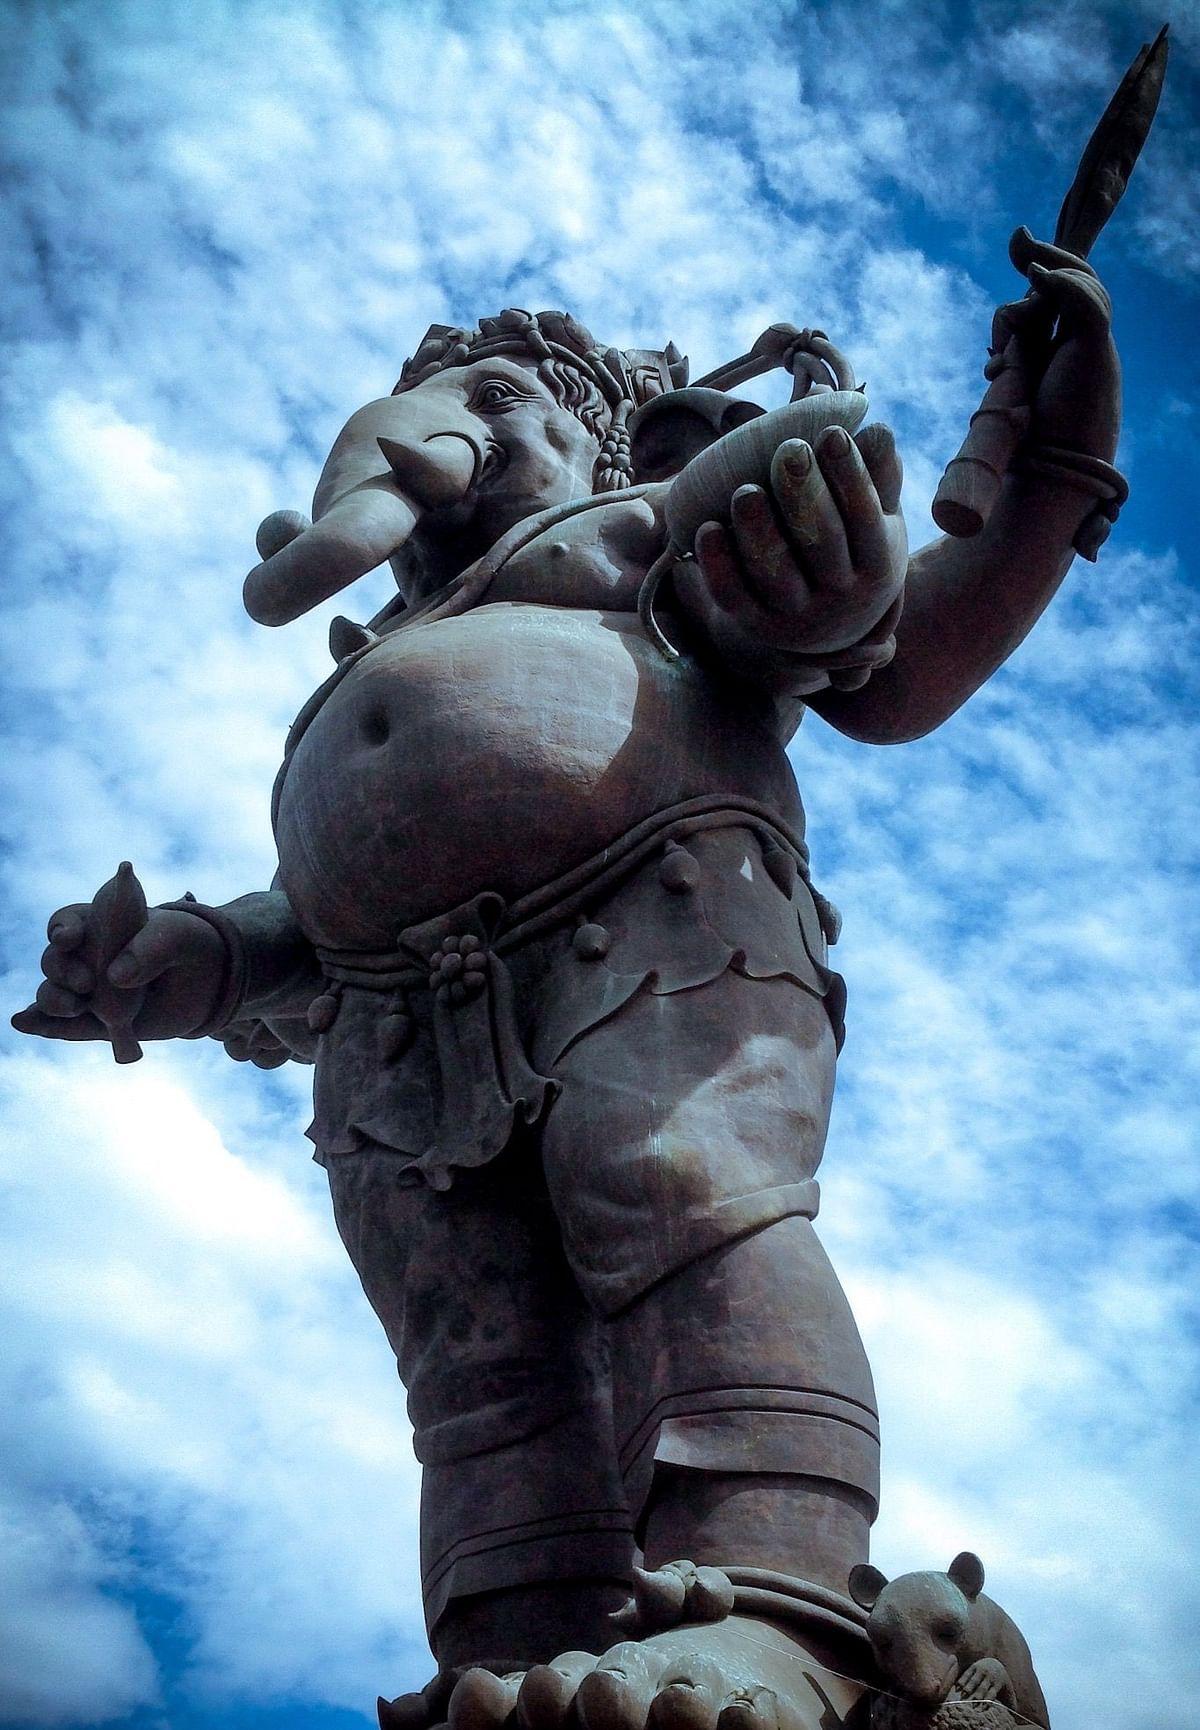 ख्लॉन्ग ख्वेन गणेश इंटरनेशनल पार्क में स्थापित प्रतिमा (फाइल फोटो)